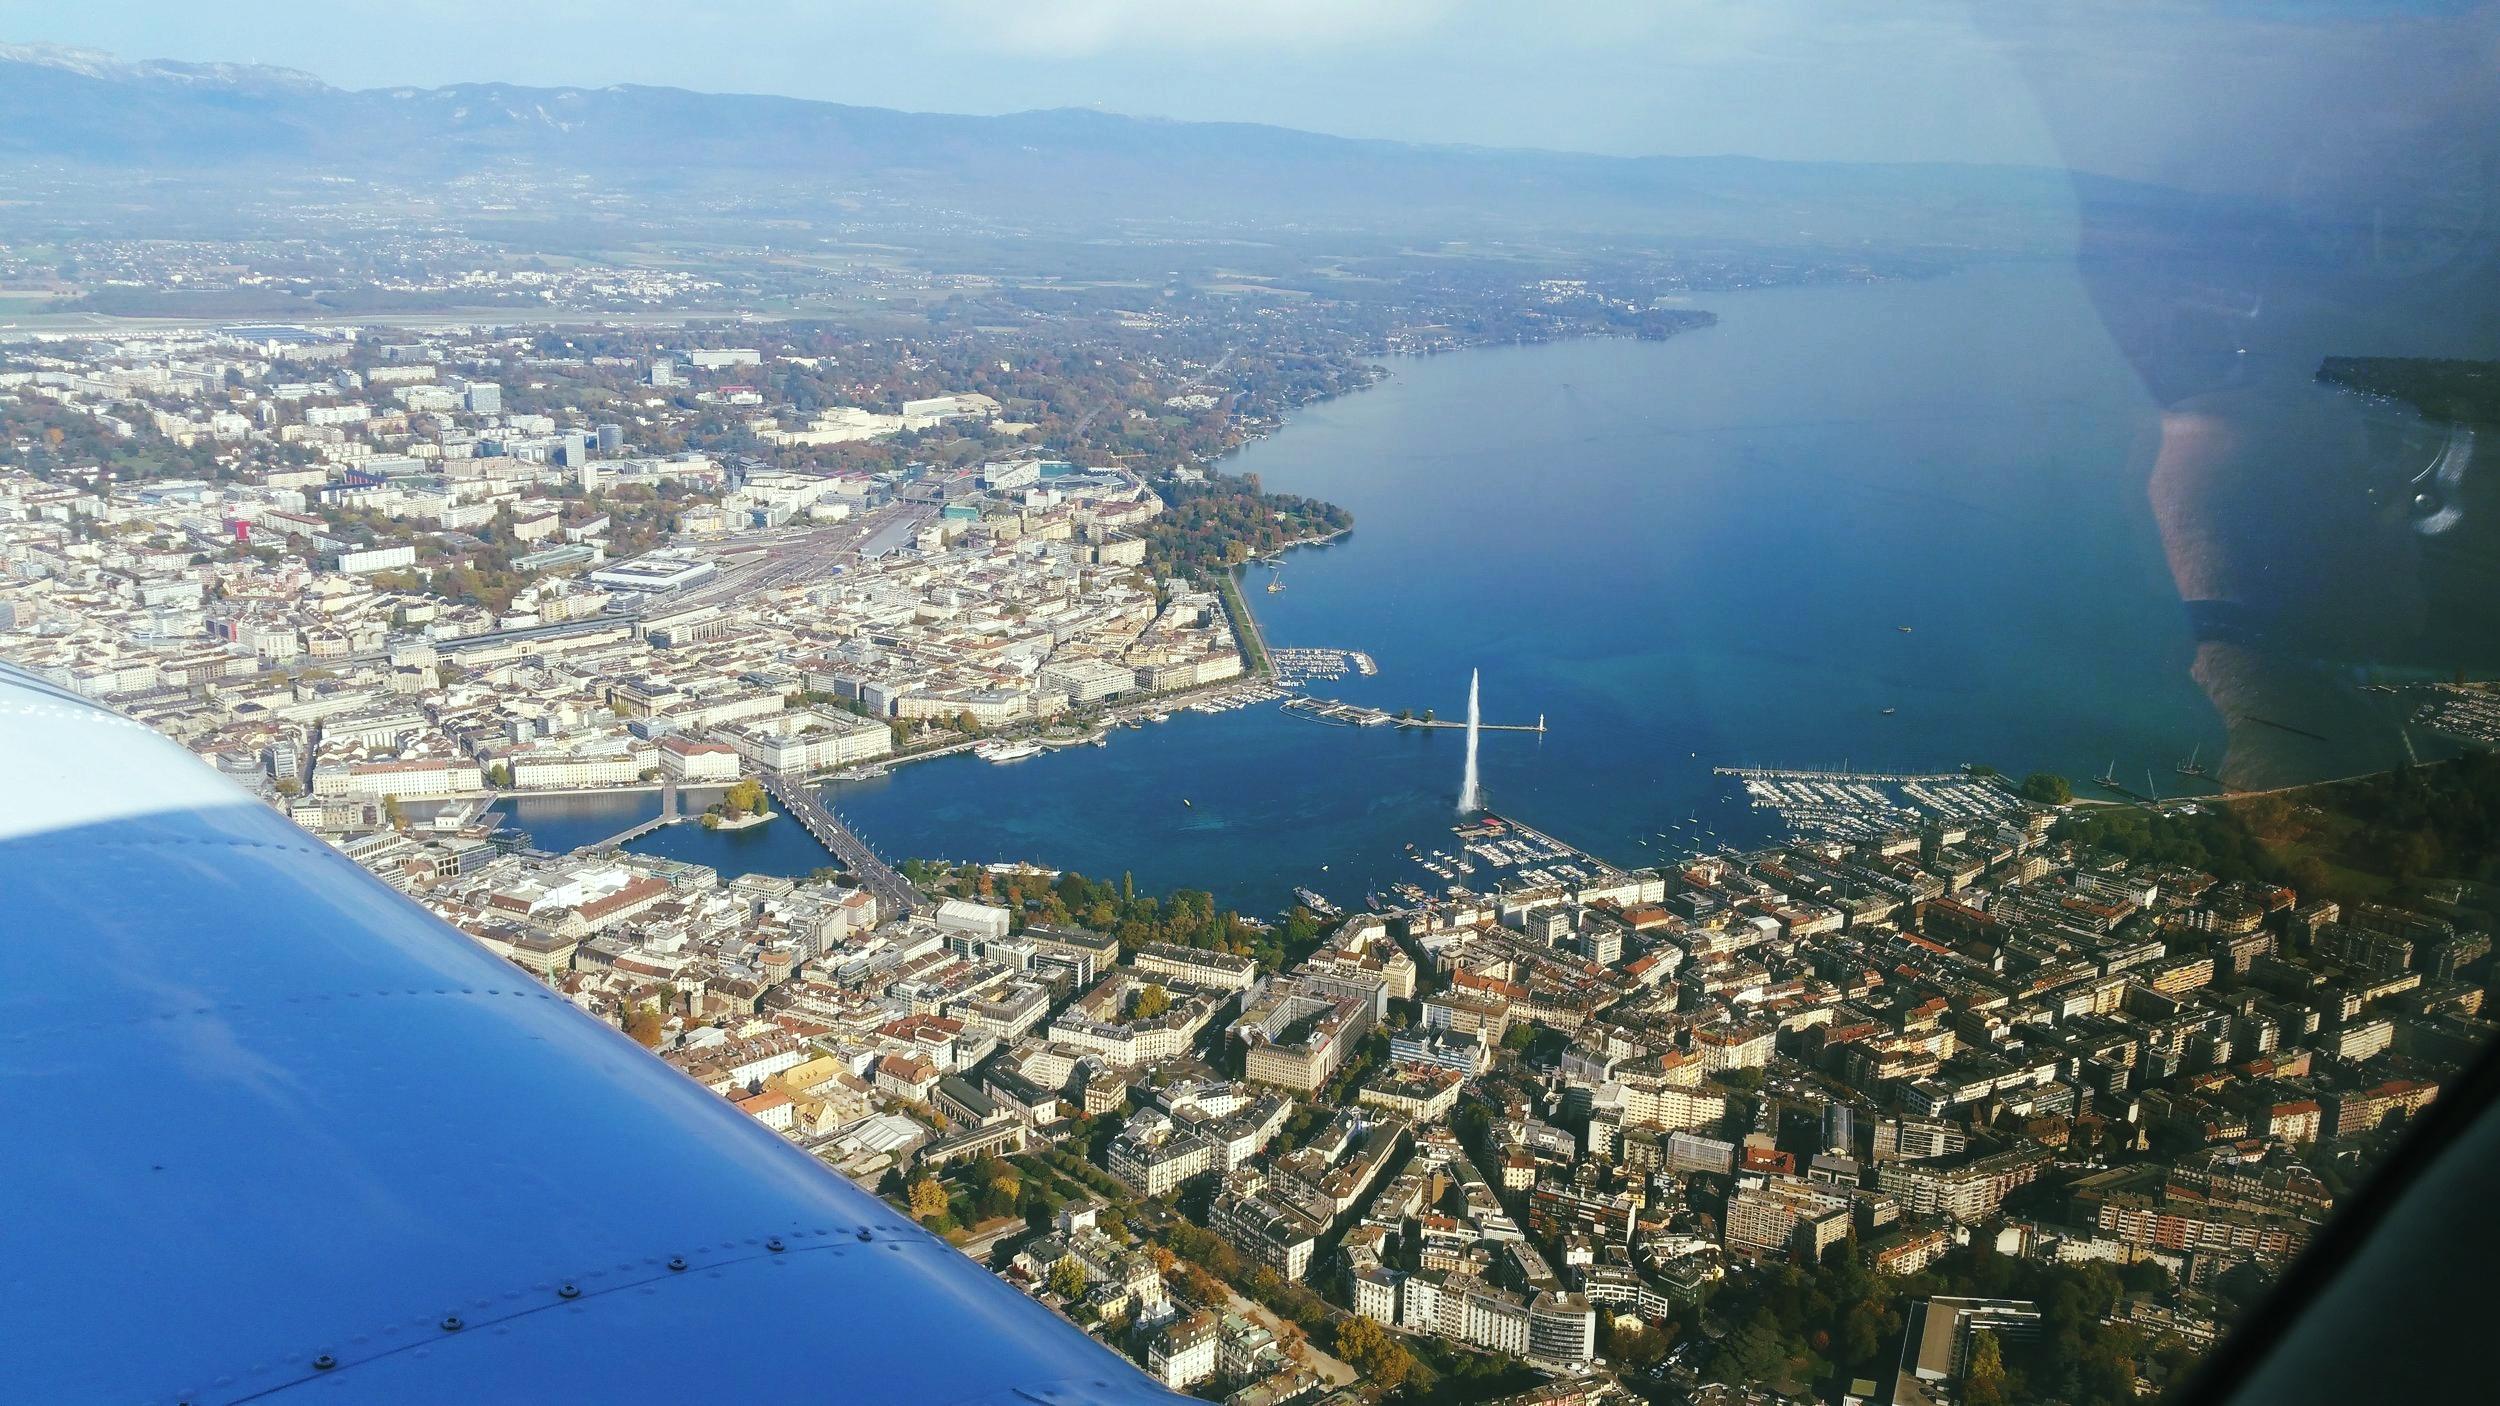 Geneva and its lake